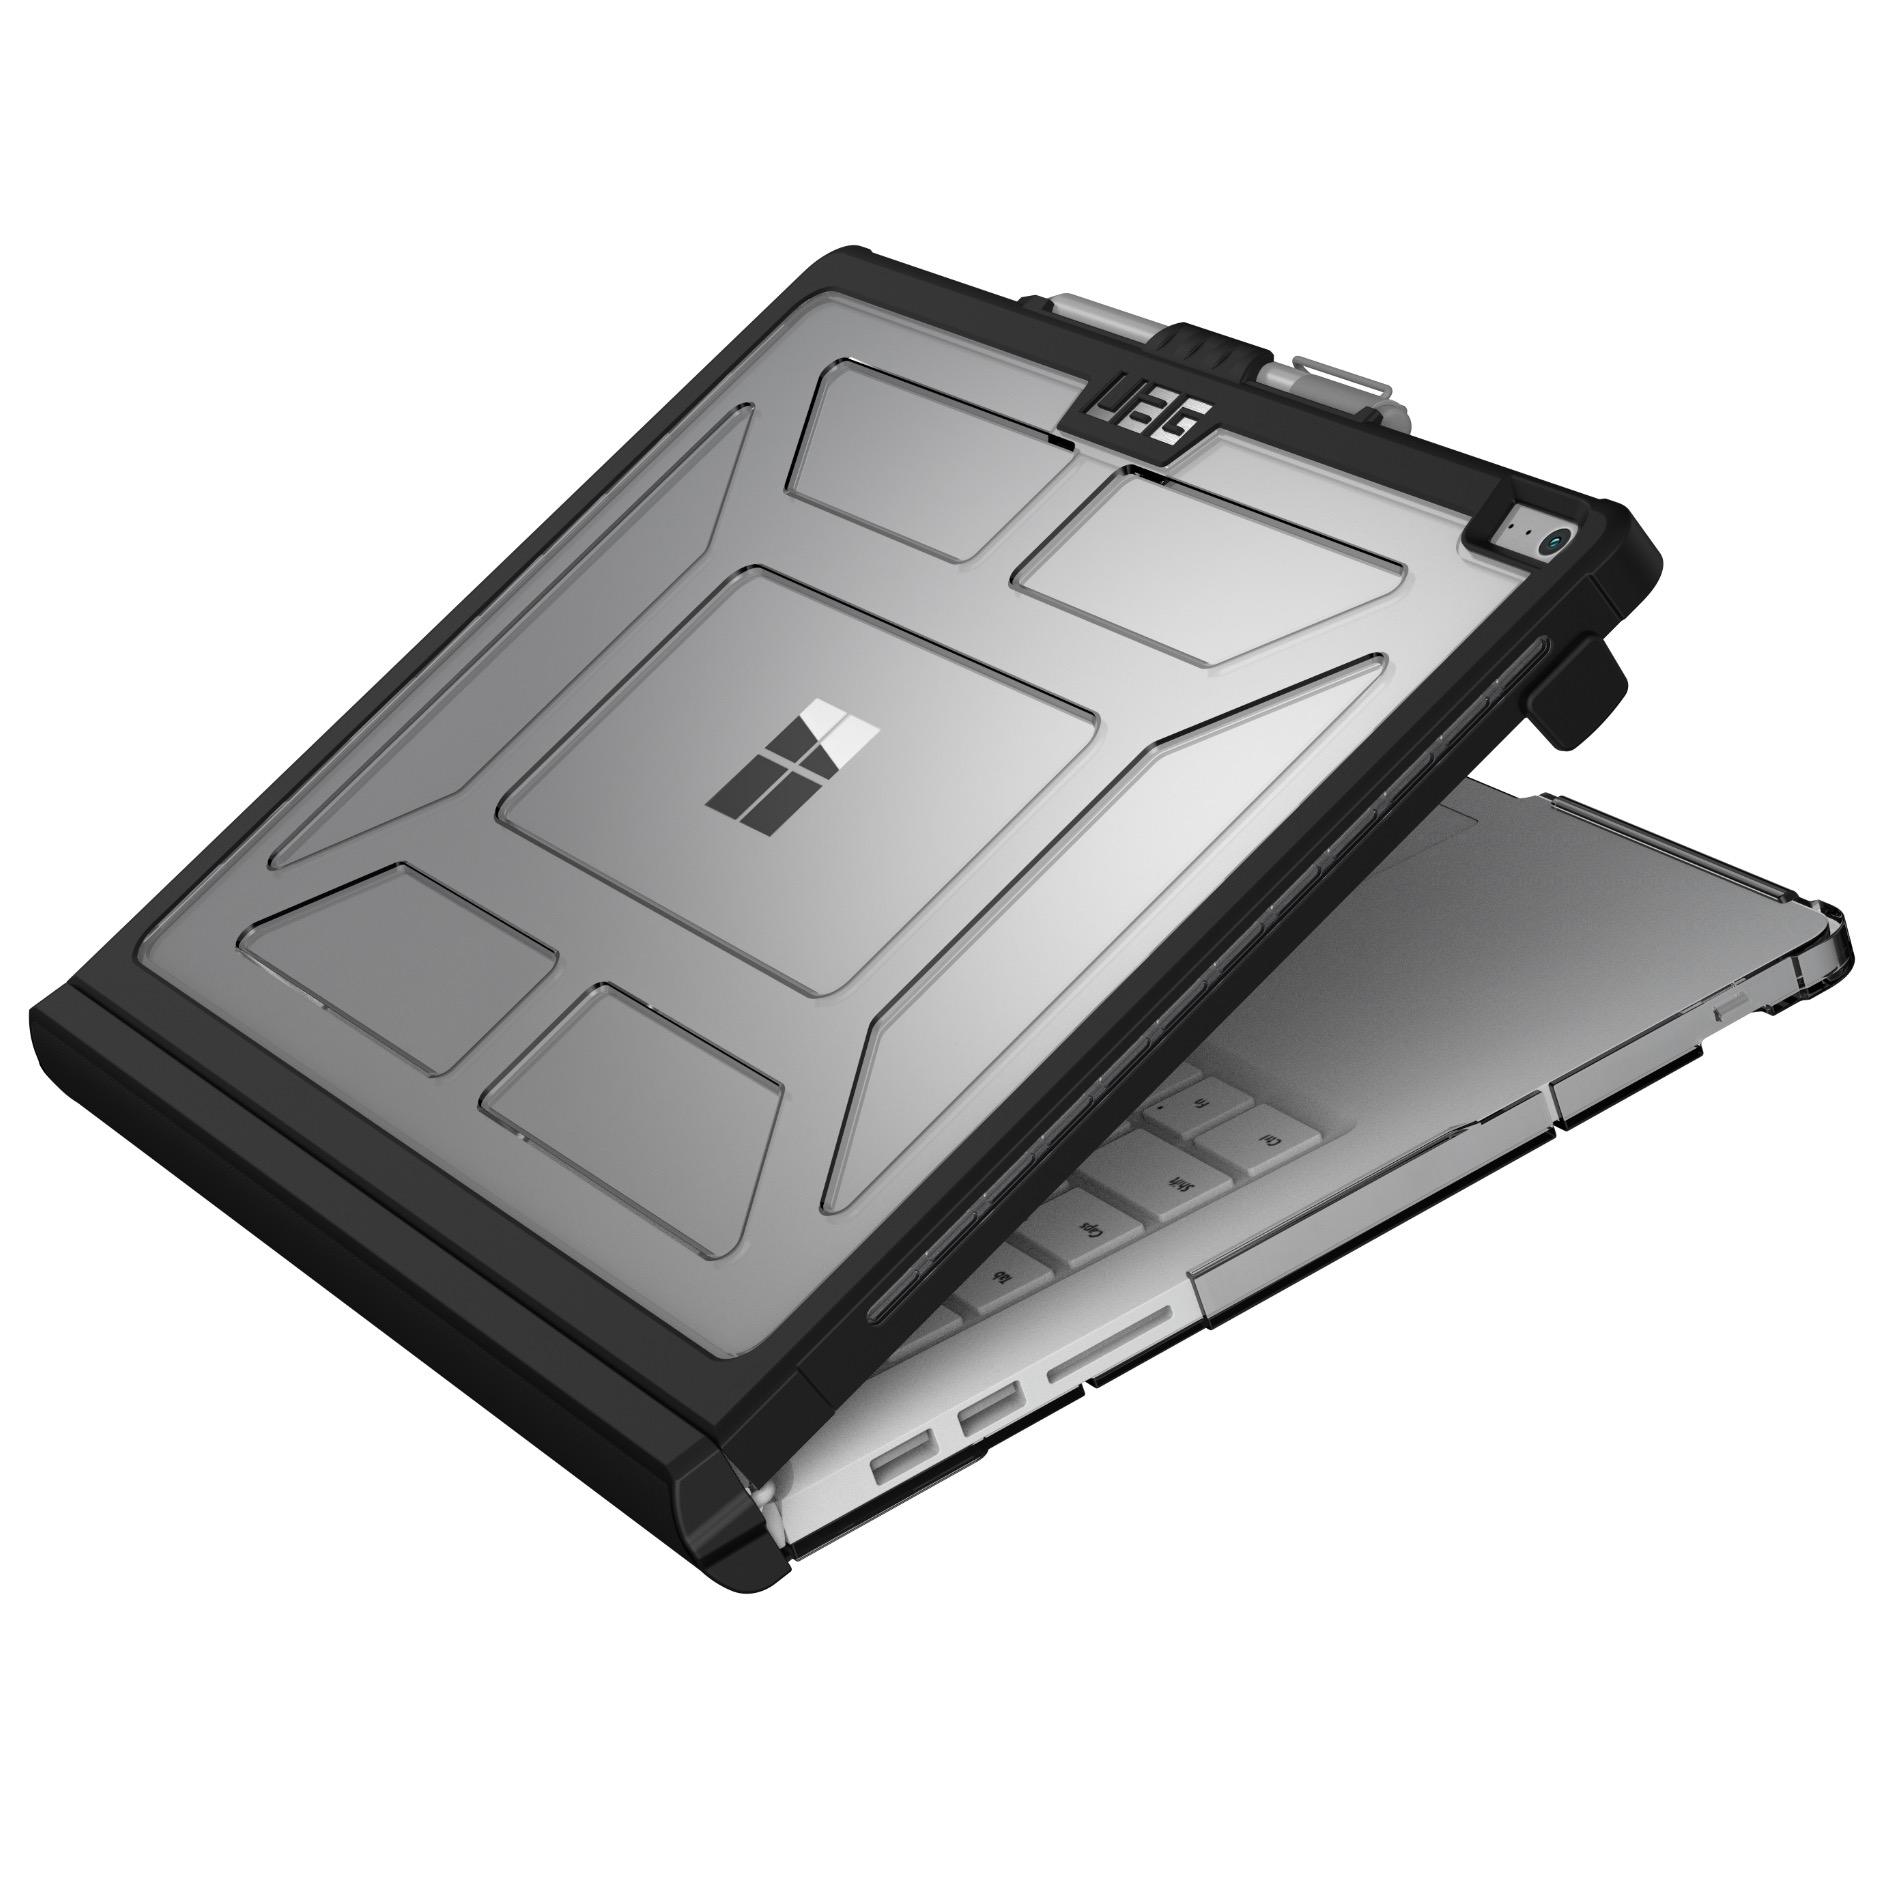 REF 2518 Pack 2 en 1 Coque renforcee Armure et verre de protection ecran Surface BOOK 3 13.5 pouces